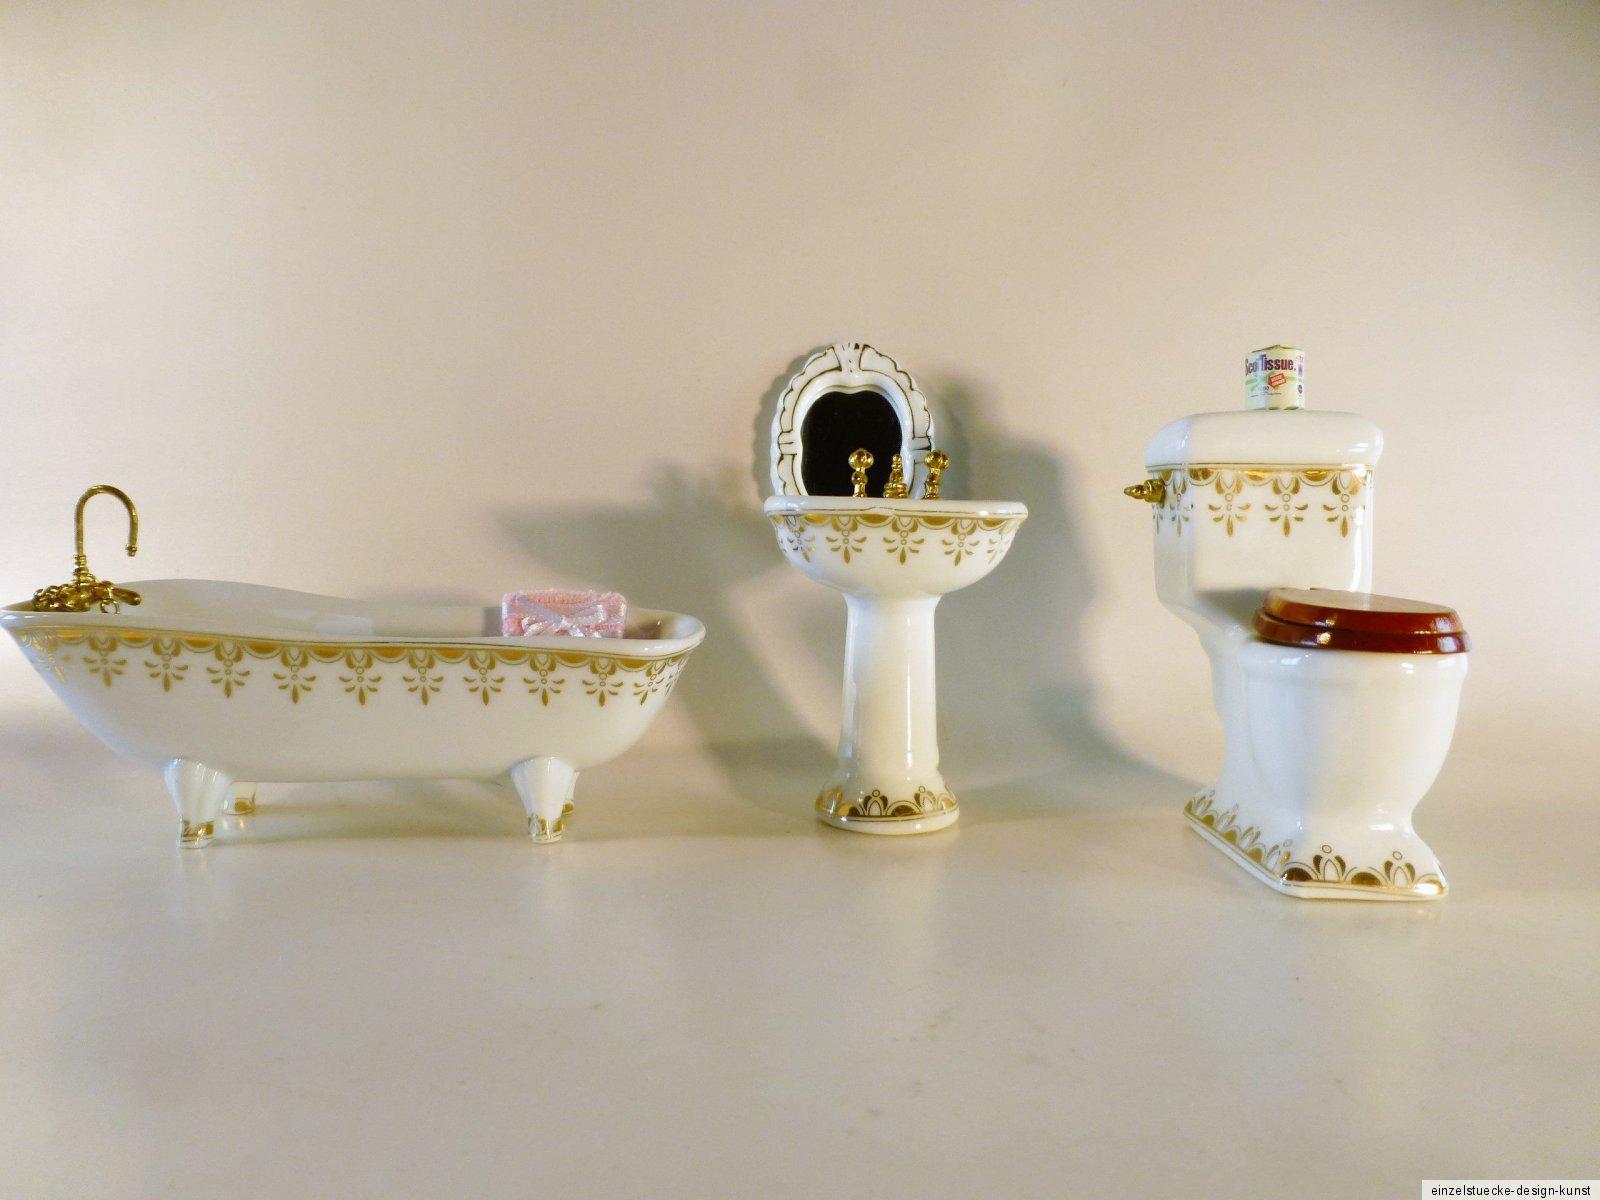 Puppenhaus Badezimmer Porzellan, creme mit Goldmuster, Wanne ...